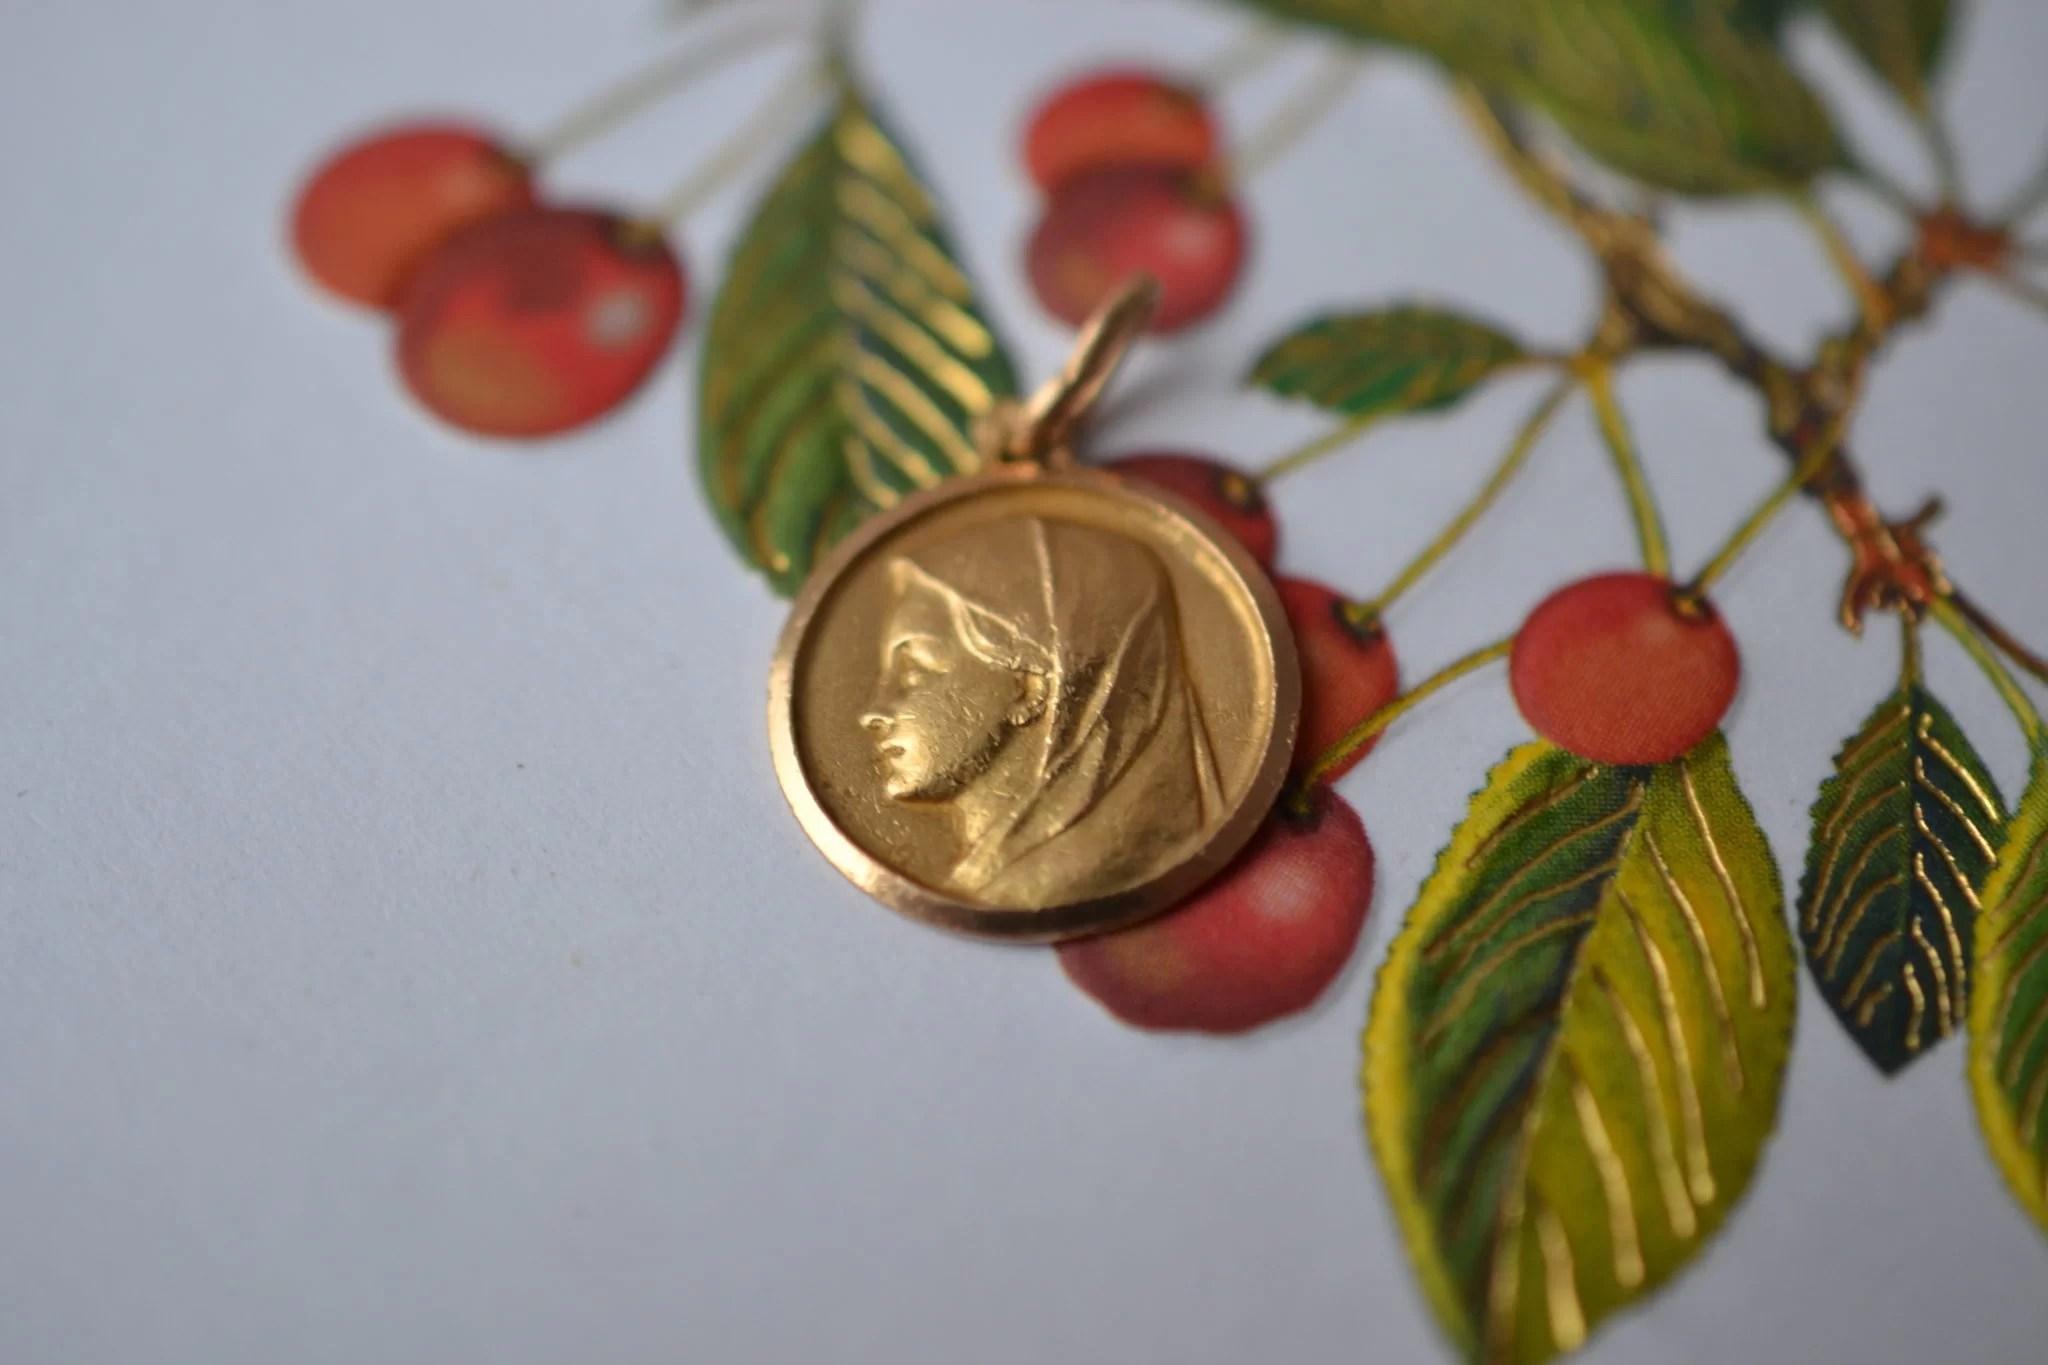 Médaille ronde en Or jaune décorée du profil de la Vierge - pendentif rétro